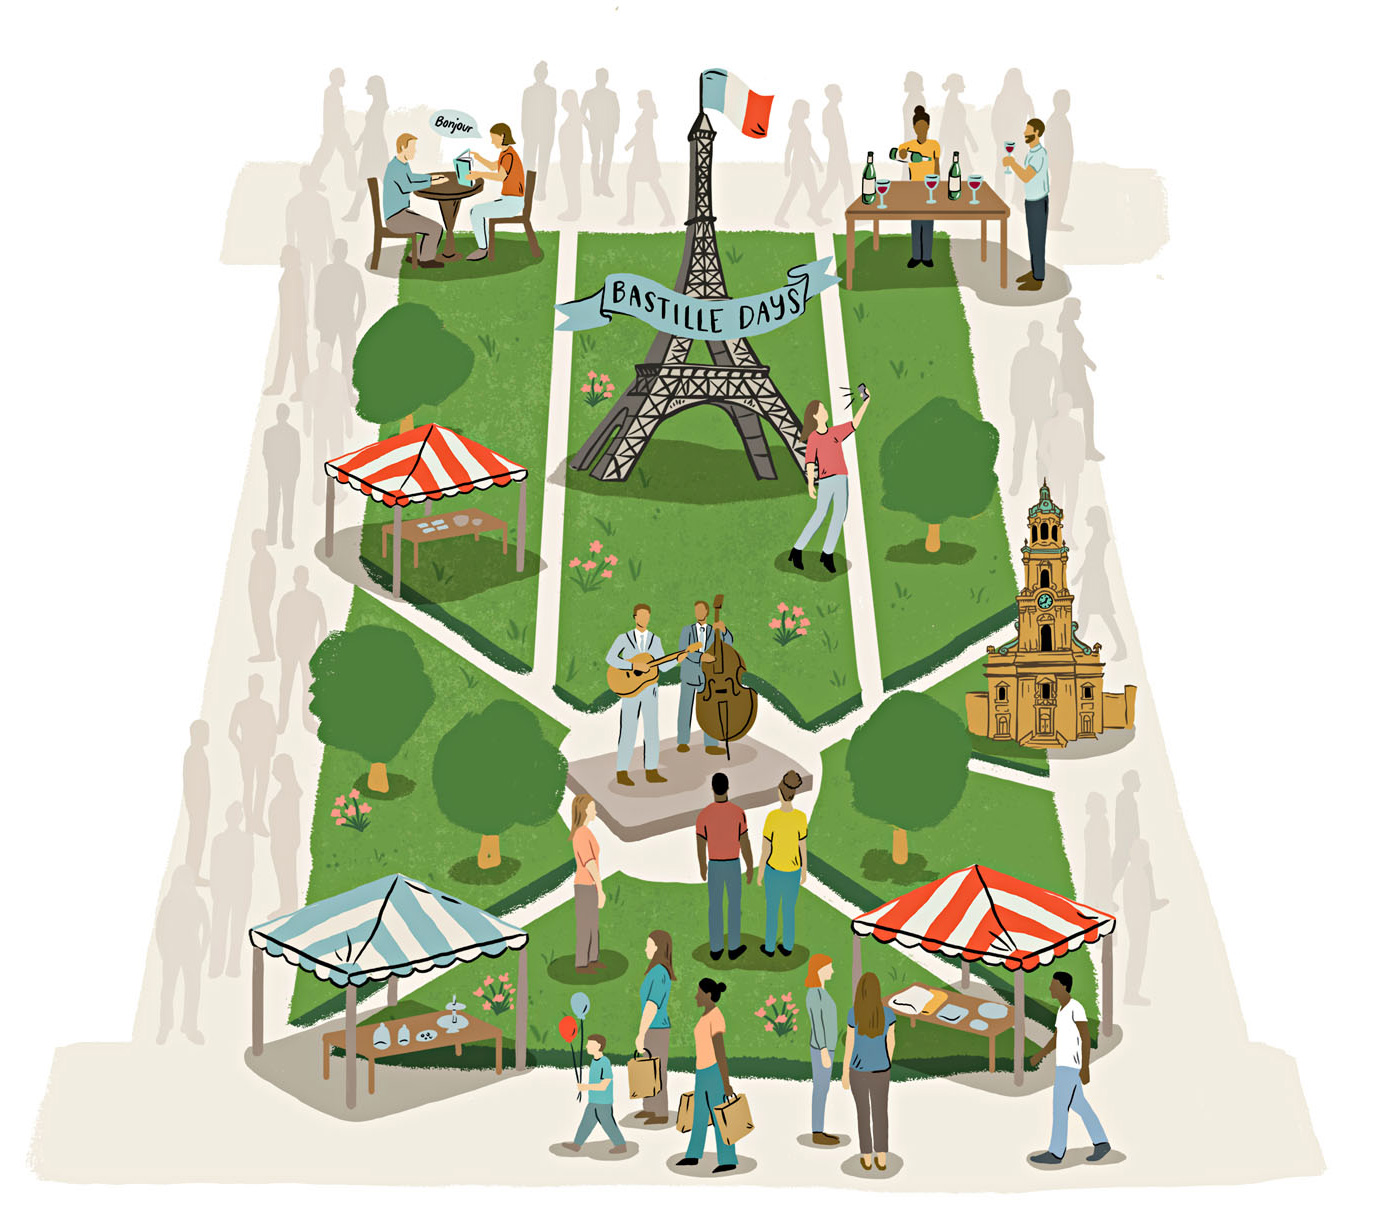 Bastille Days festival